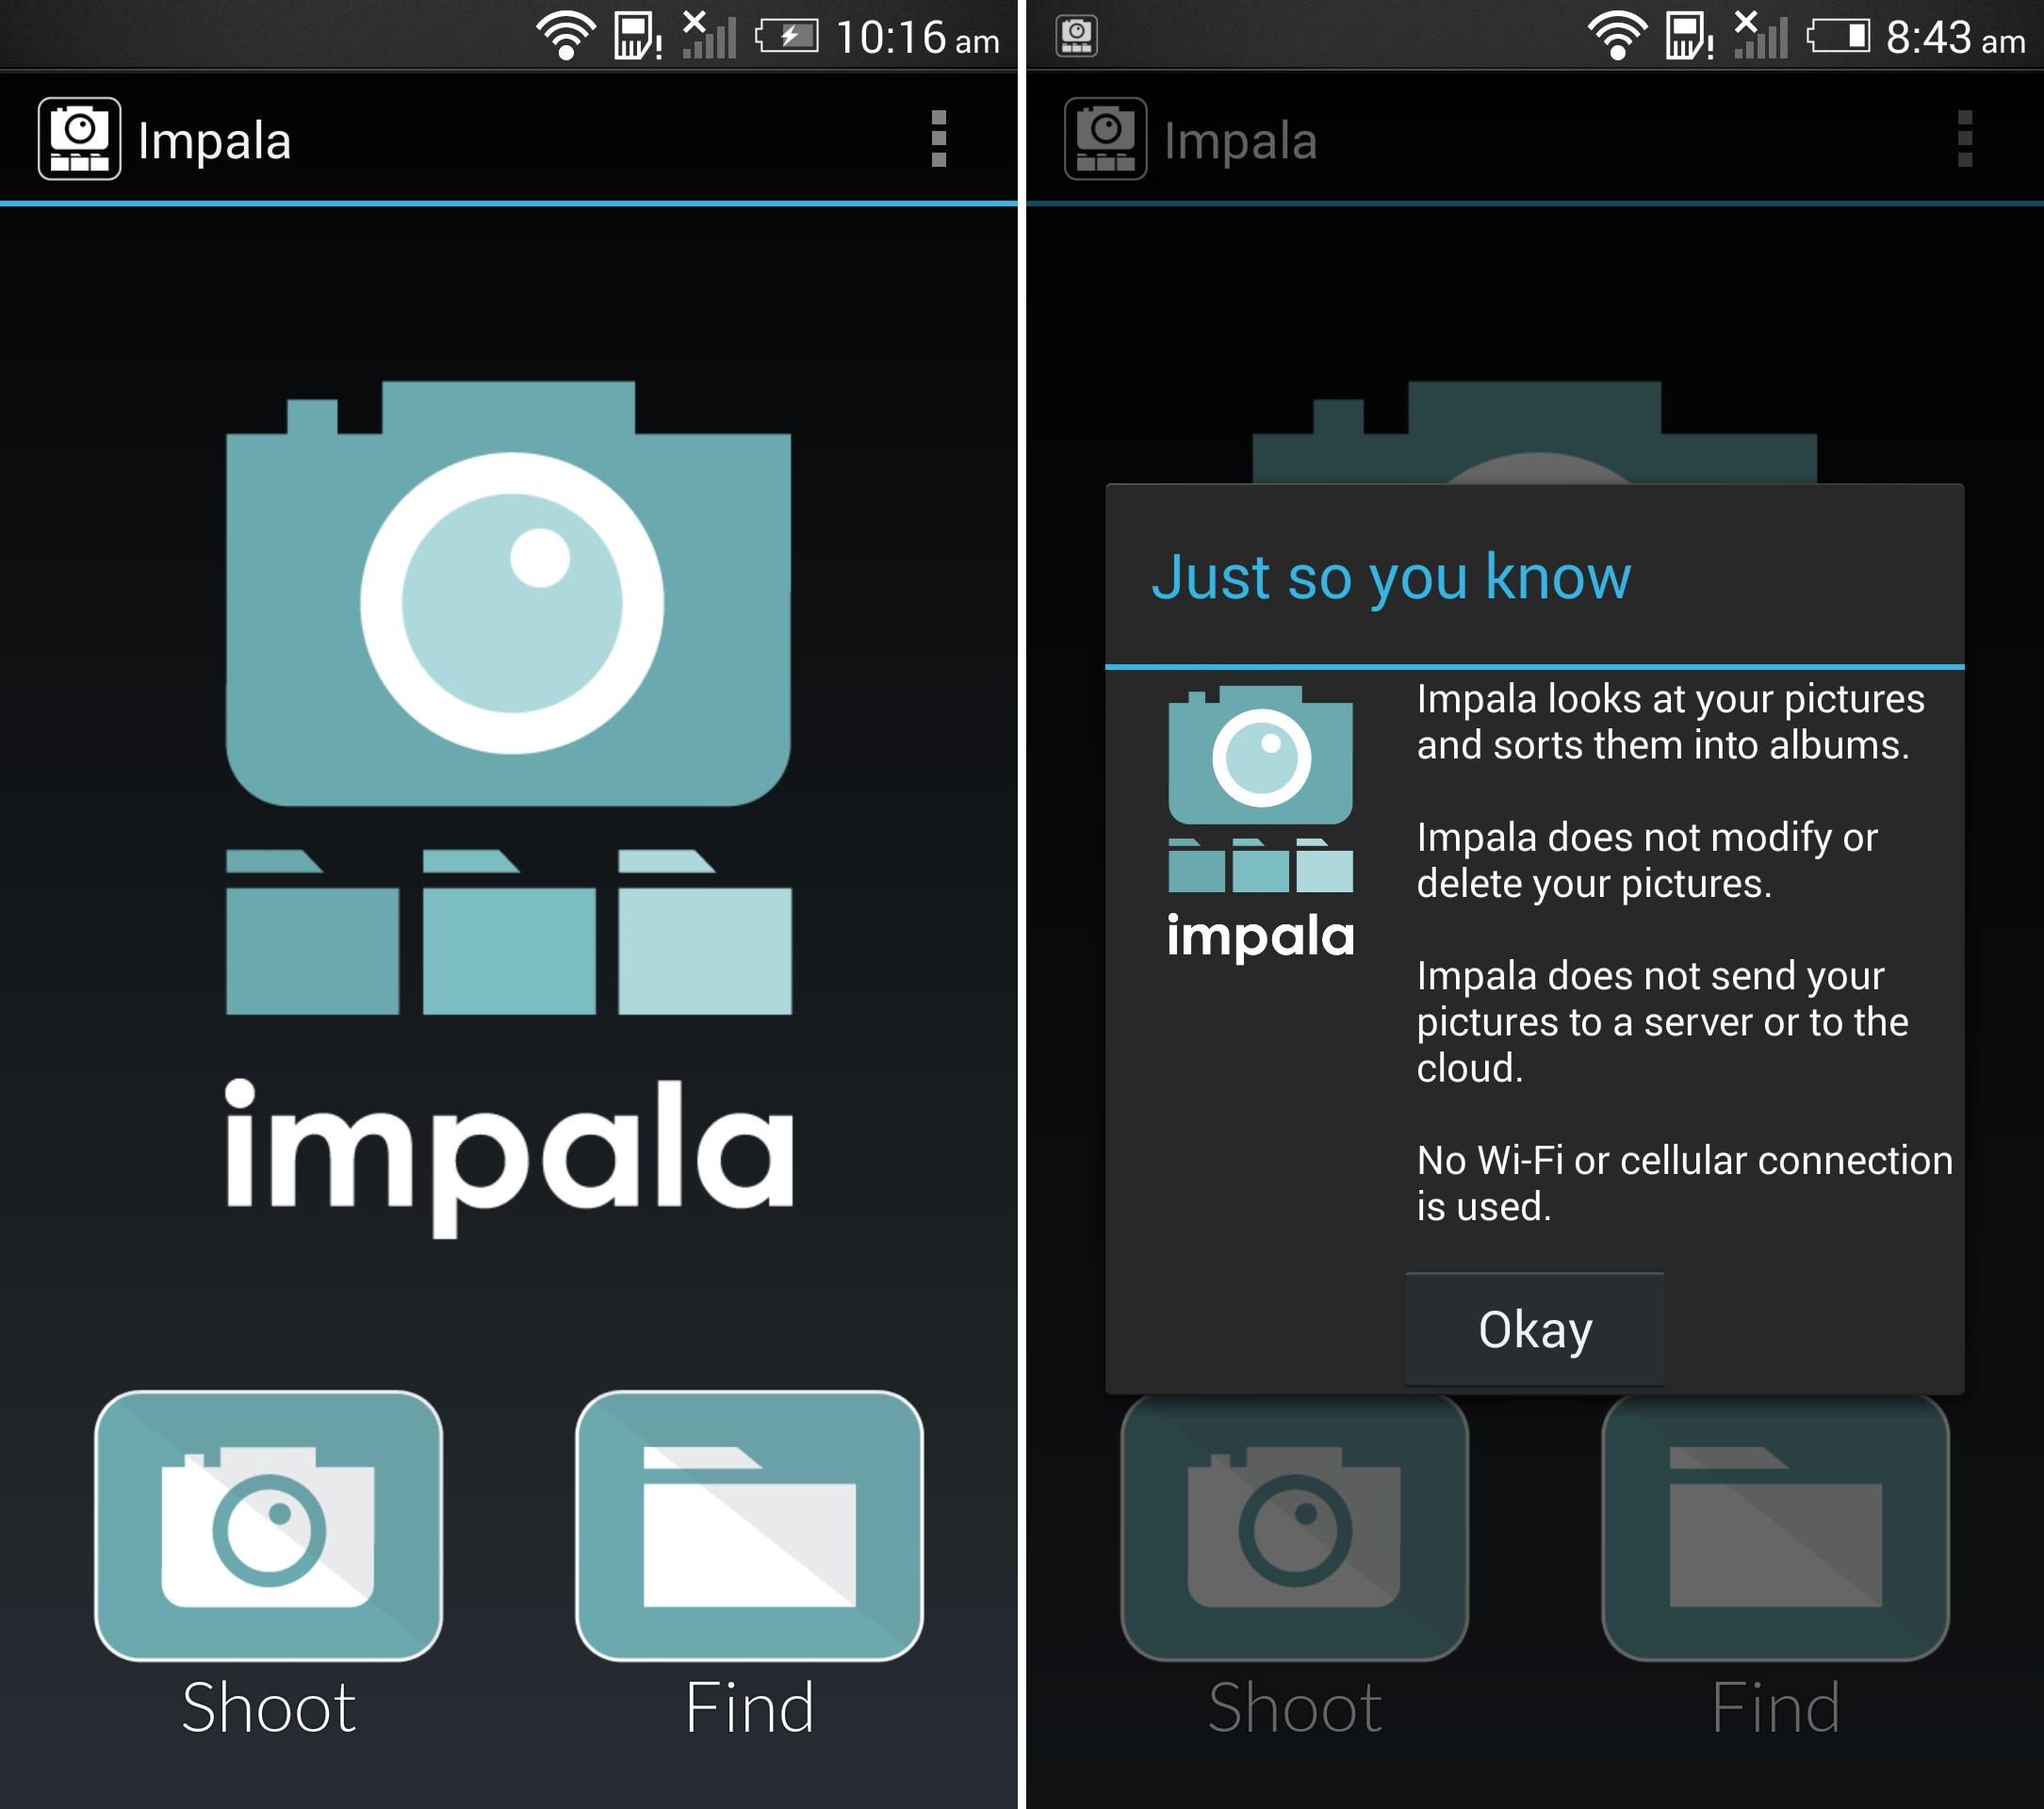 impala-screenshot-main-menu